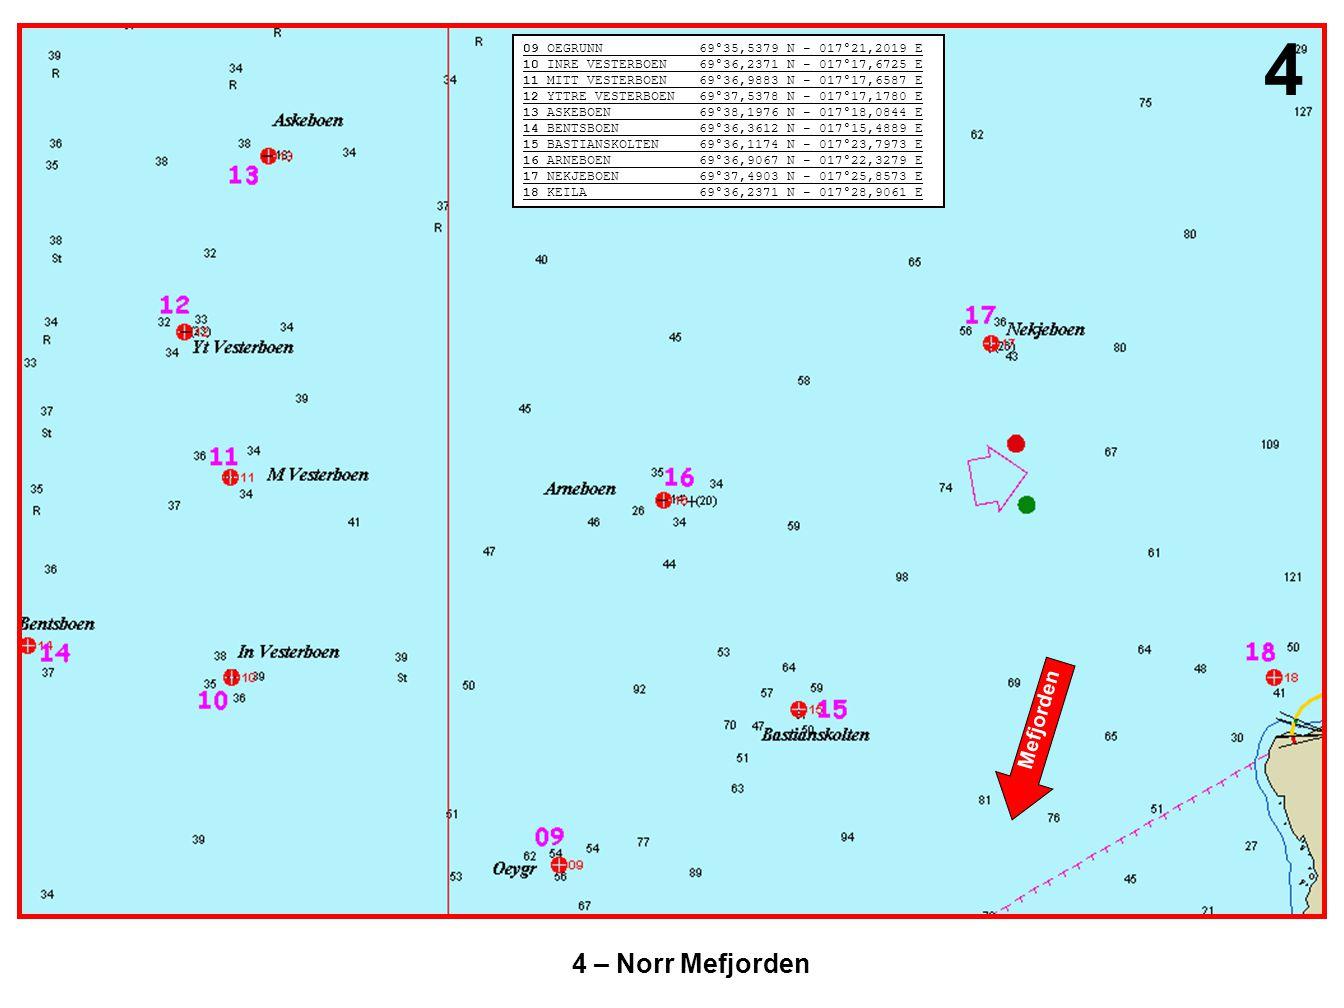 5 – Nordost Mefjorden 5 18 KEILA 69°36,2371 N - 017°28,9061 E 19 STAVBOEN 69°37,8870 N - 017°32,9297 E 20 STEINGRUNN 69°37,5858 N - 017°35,1269 E 21 SURFALLET 69°38,5746 N - 017°32,3529 E 22 BALTENGRUNN 69°37,9779 N - 017°37,6676 E 23 OEYFJORDBOEN 69°36,1555 N - 017°33,4515 E 24 MELSBOEN 69°36,7346 N - 017°39,5626 E 25 OKSEFALLET 69°37,8509 N - 017°34,5879 E 33 HAERA 69°39,1619 N - 017°30,9050 E Mefjorden